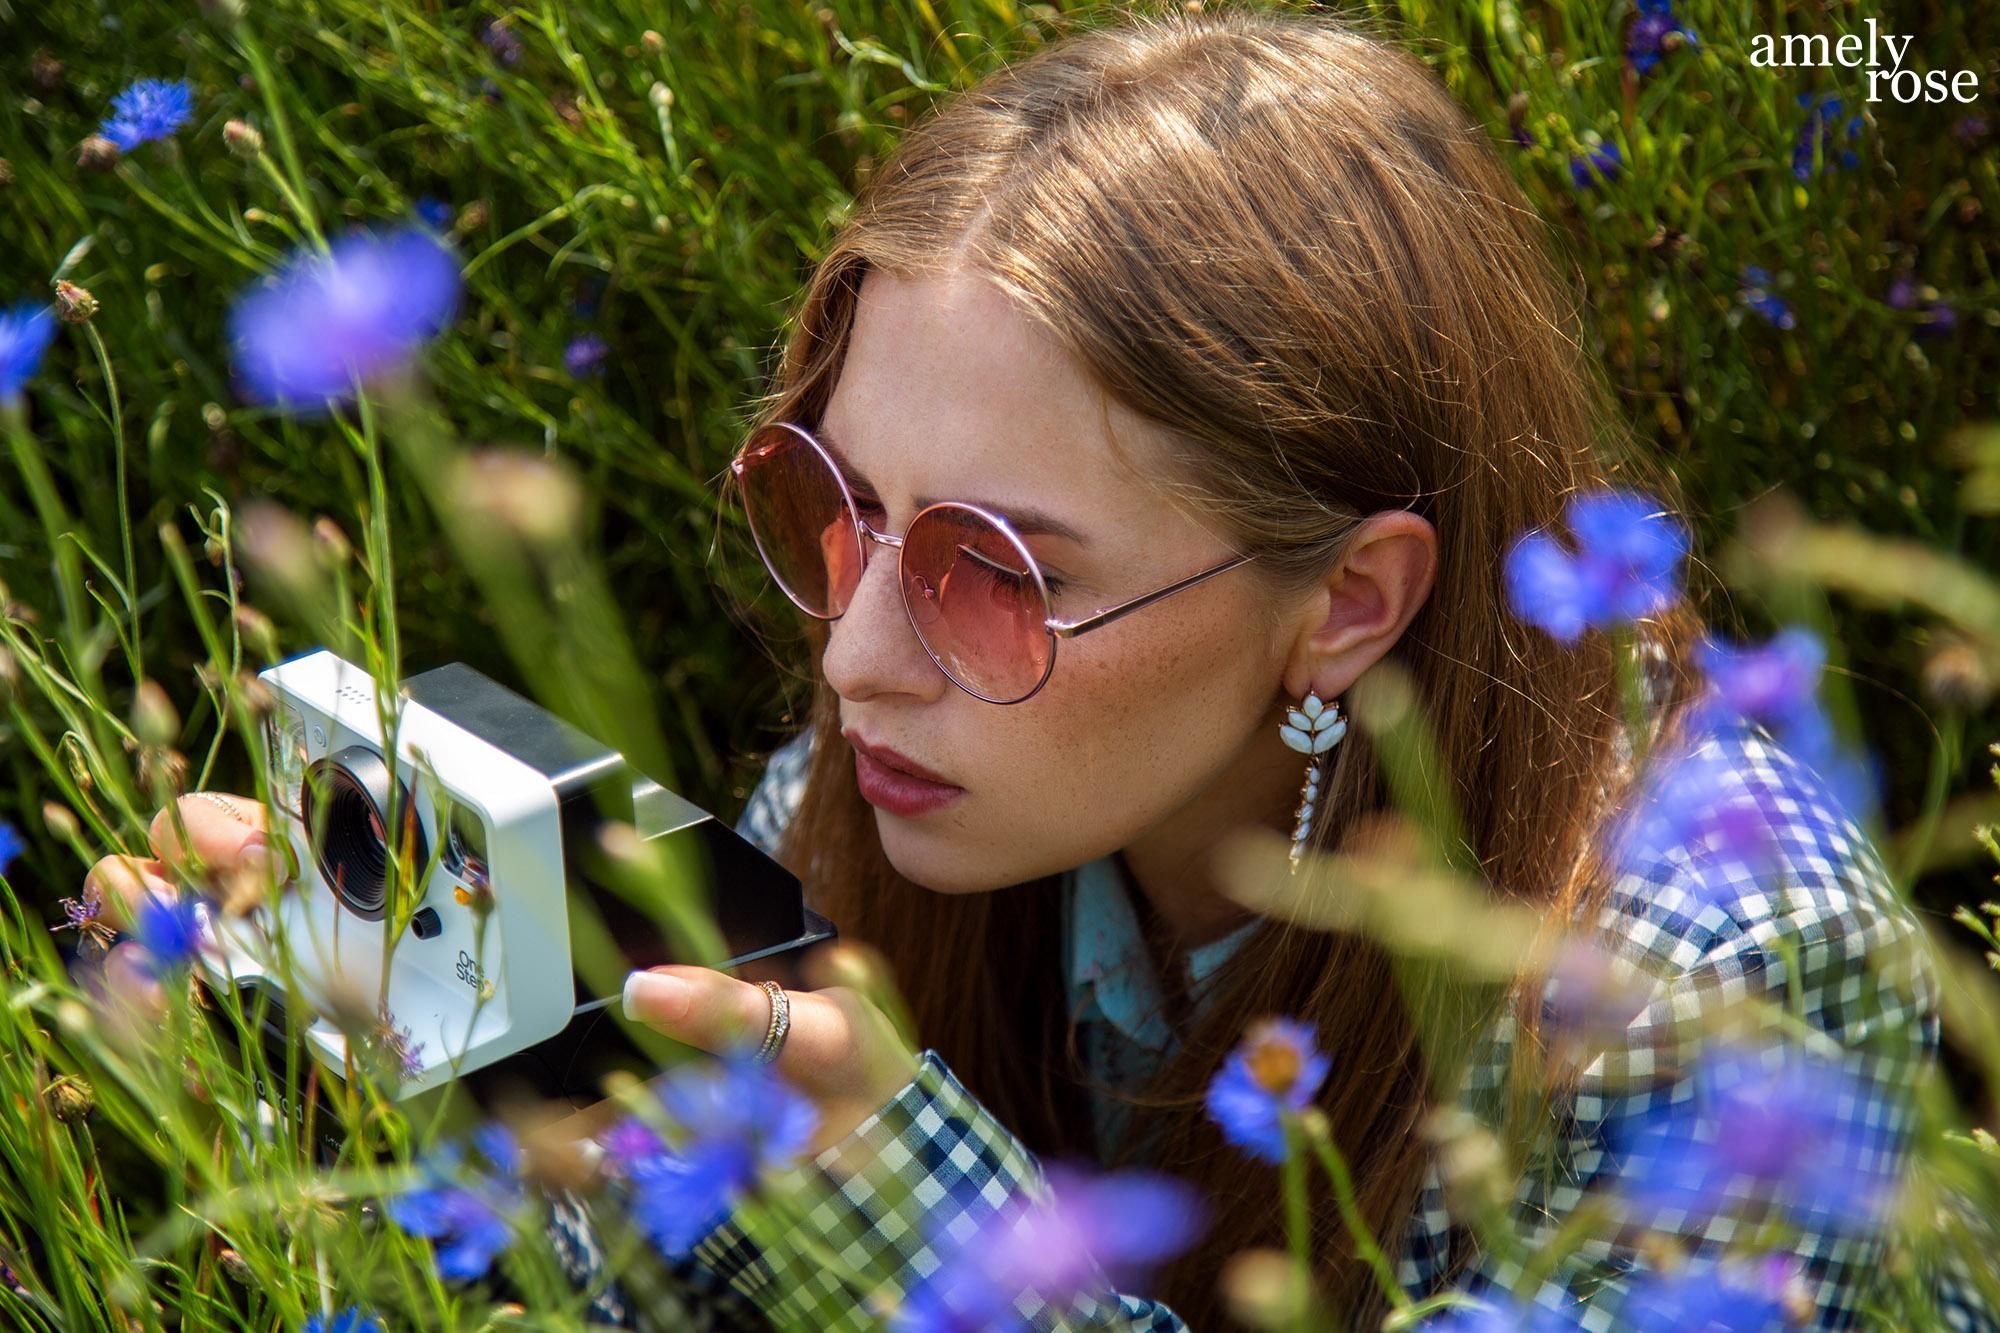 AMELY ROSE FASHIONBLOGGER Influencer, flower, blume, flowerpower, blumenfeld, flowerfield, amsterdam, cgn, köln, netherlands, summerlook, portrait, fashioneditorial,